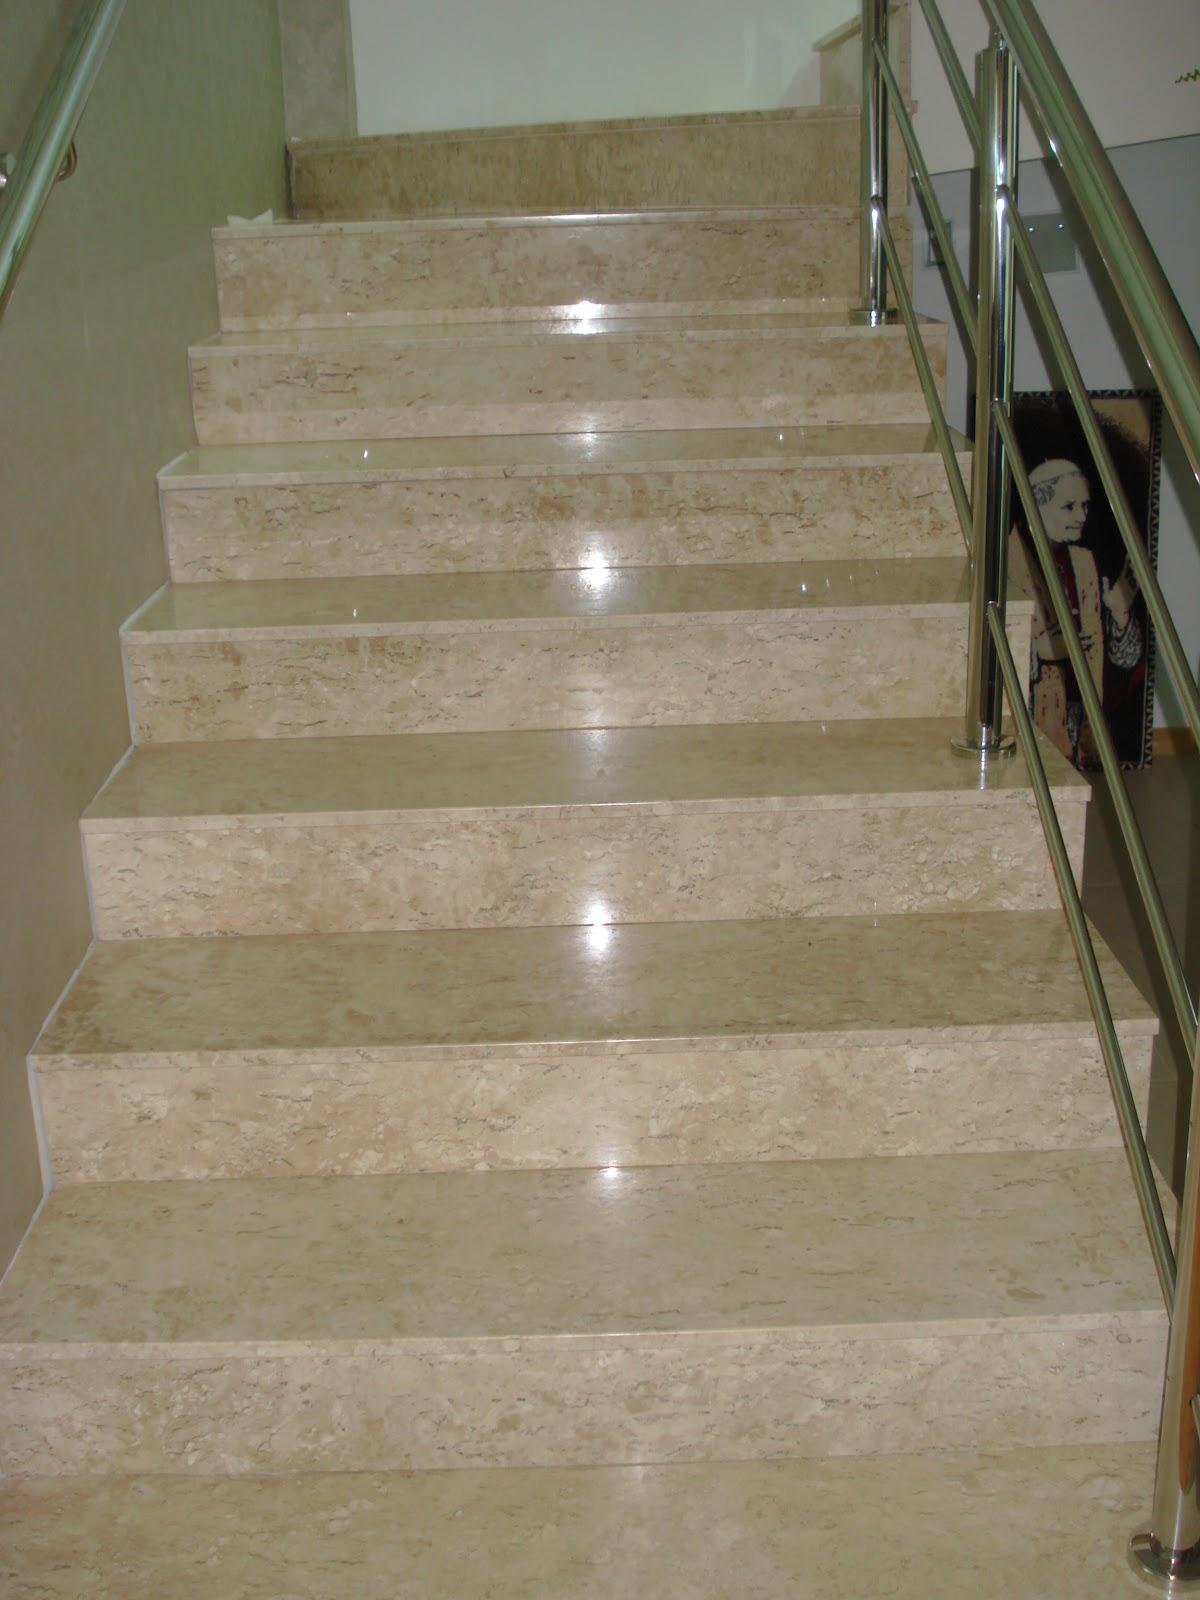 Escadaria em Marmore Travertino Marmoraria MPK #5D4D32 1200x1600 Banheiro Branco Com Marmore Travertino